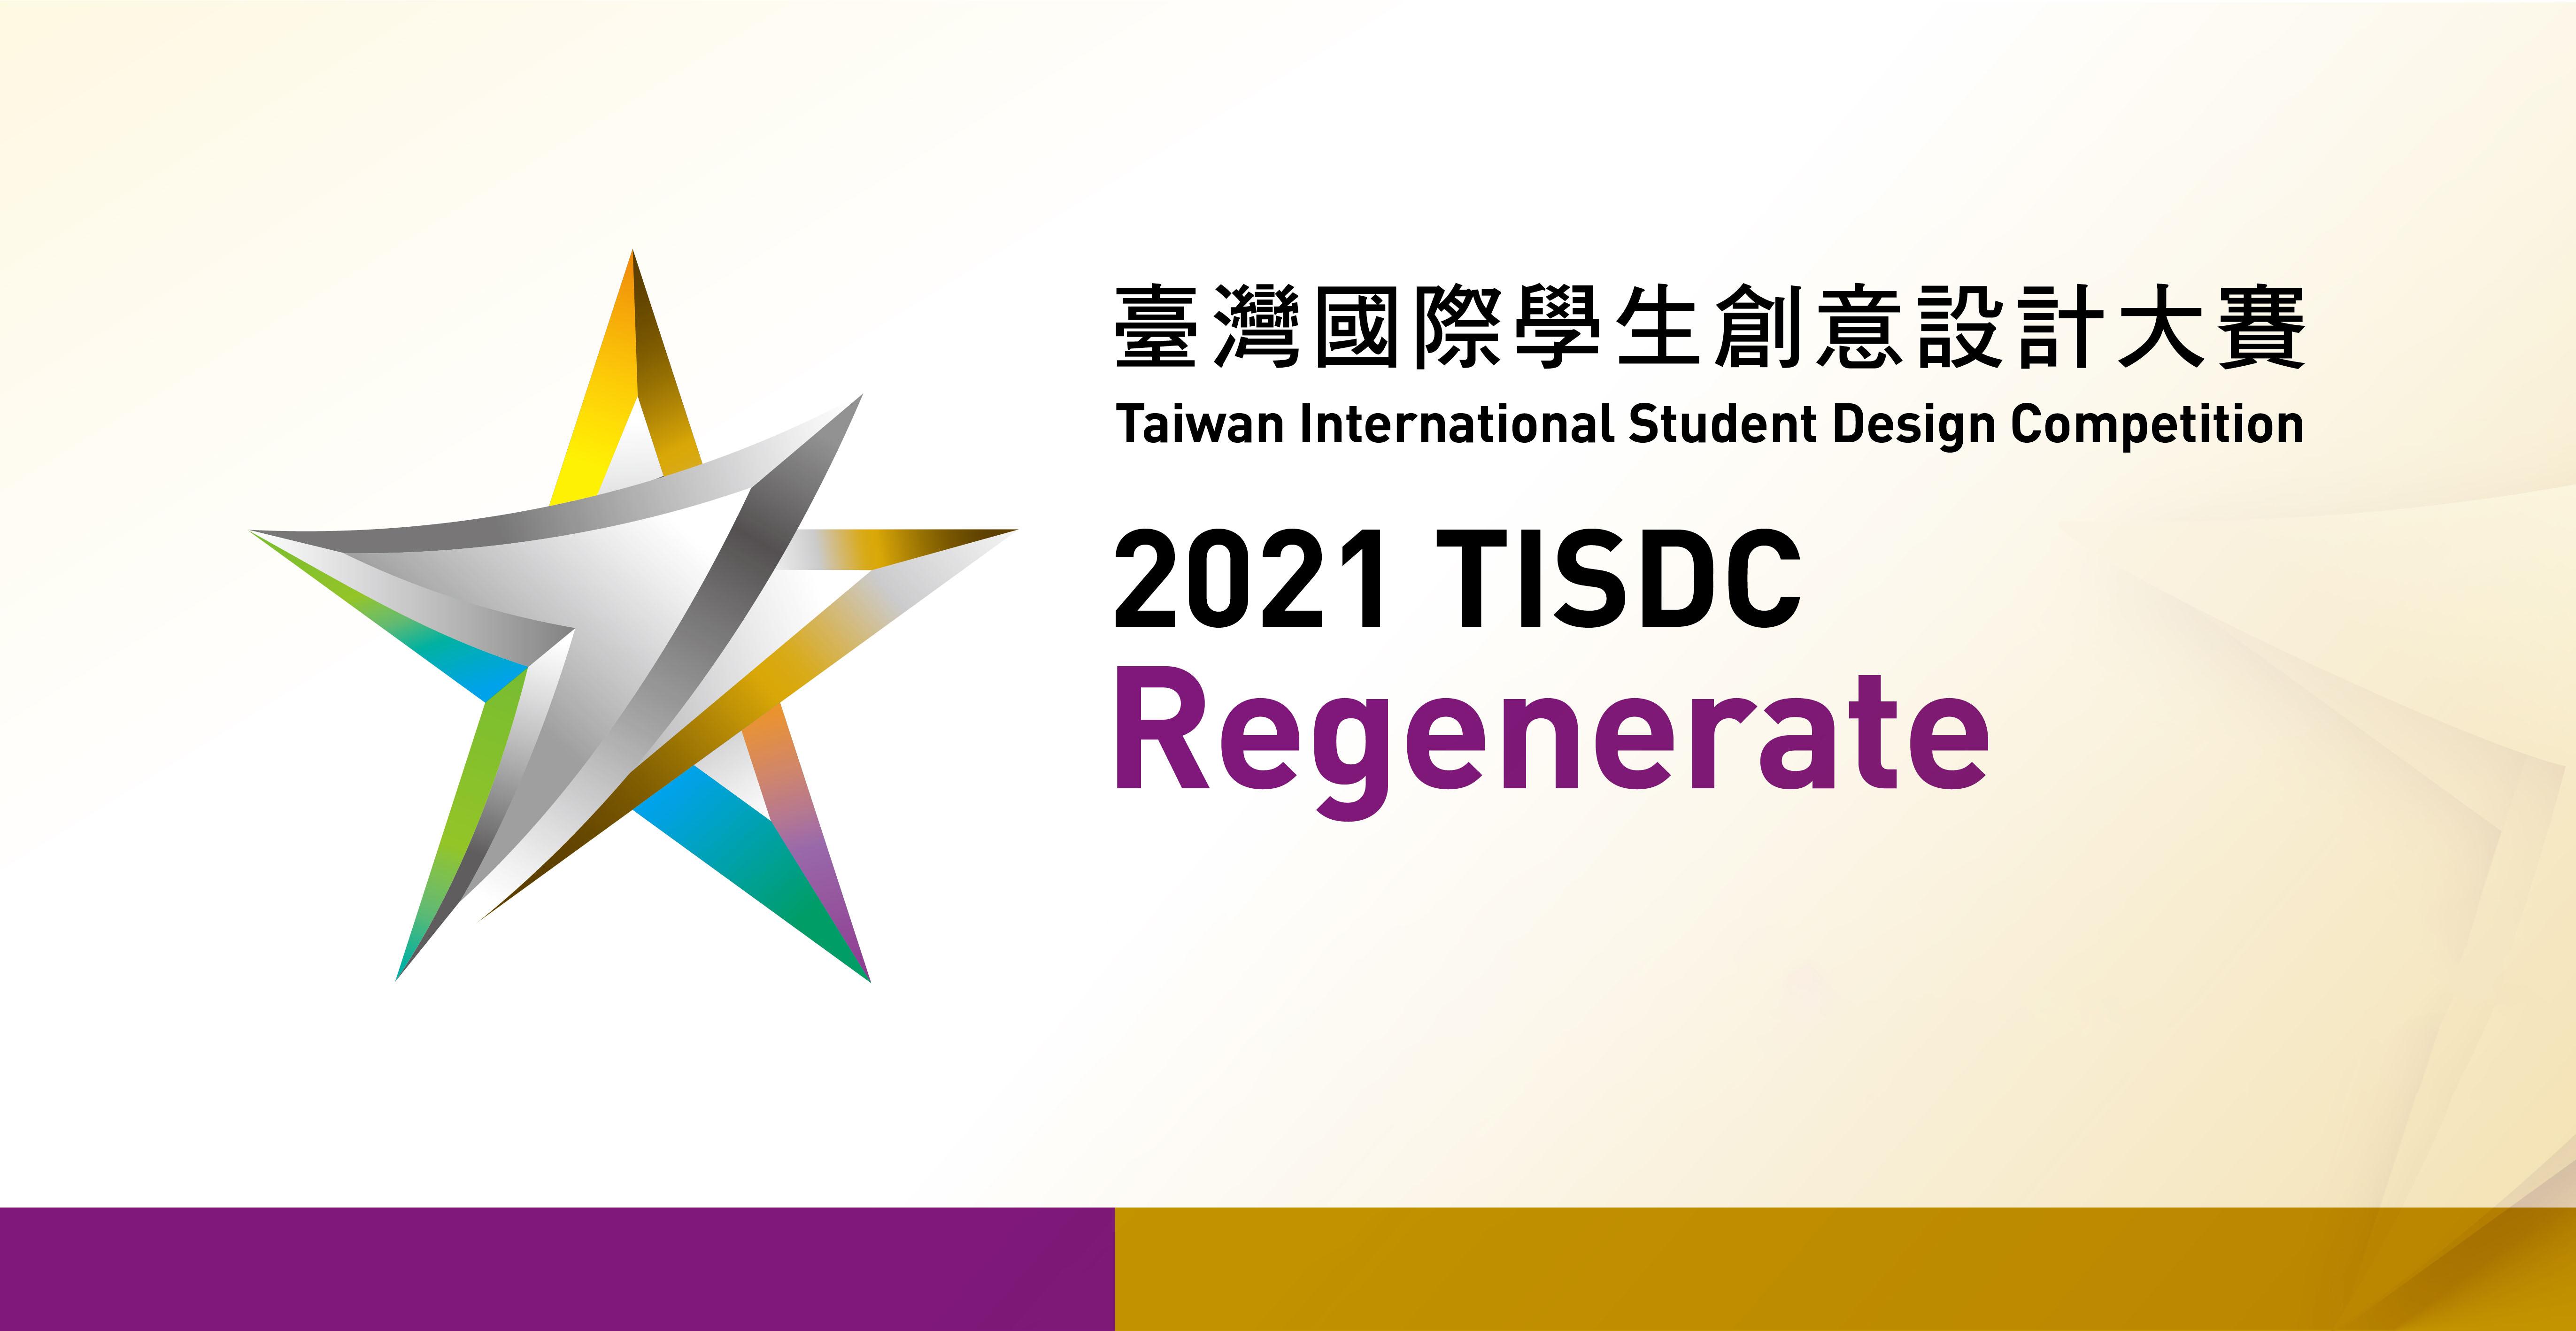 فراخوان رقابت بین المللی طراحی دانشجویی تایوان